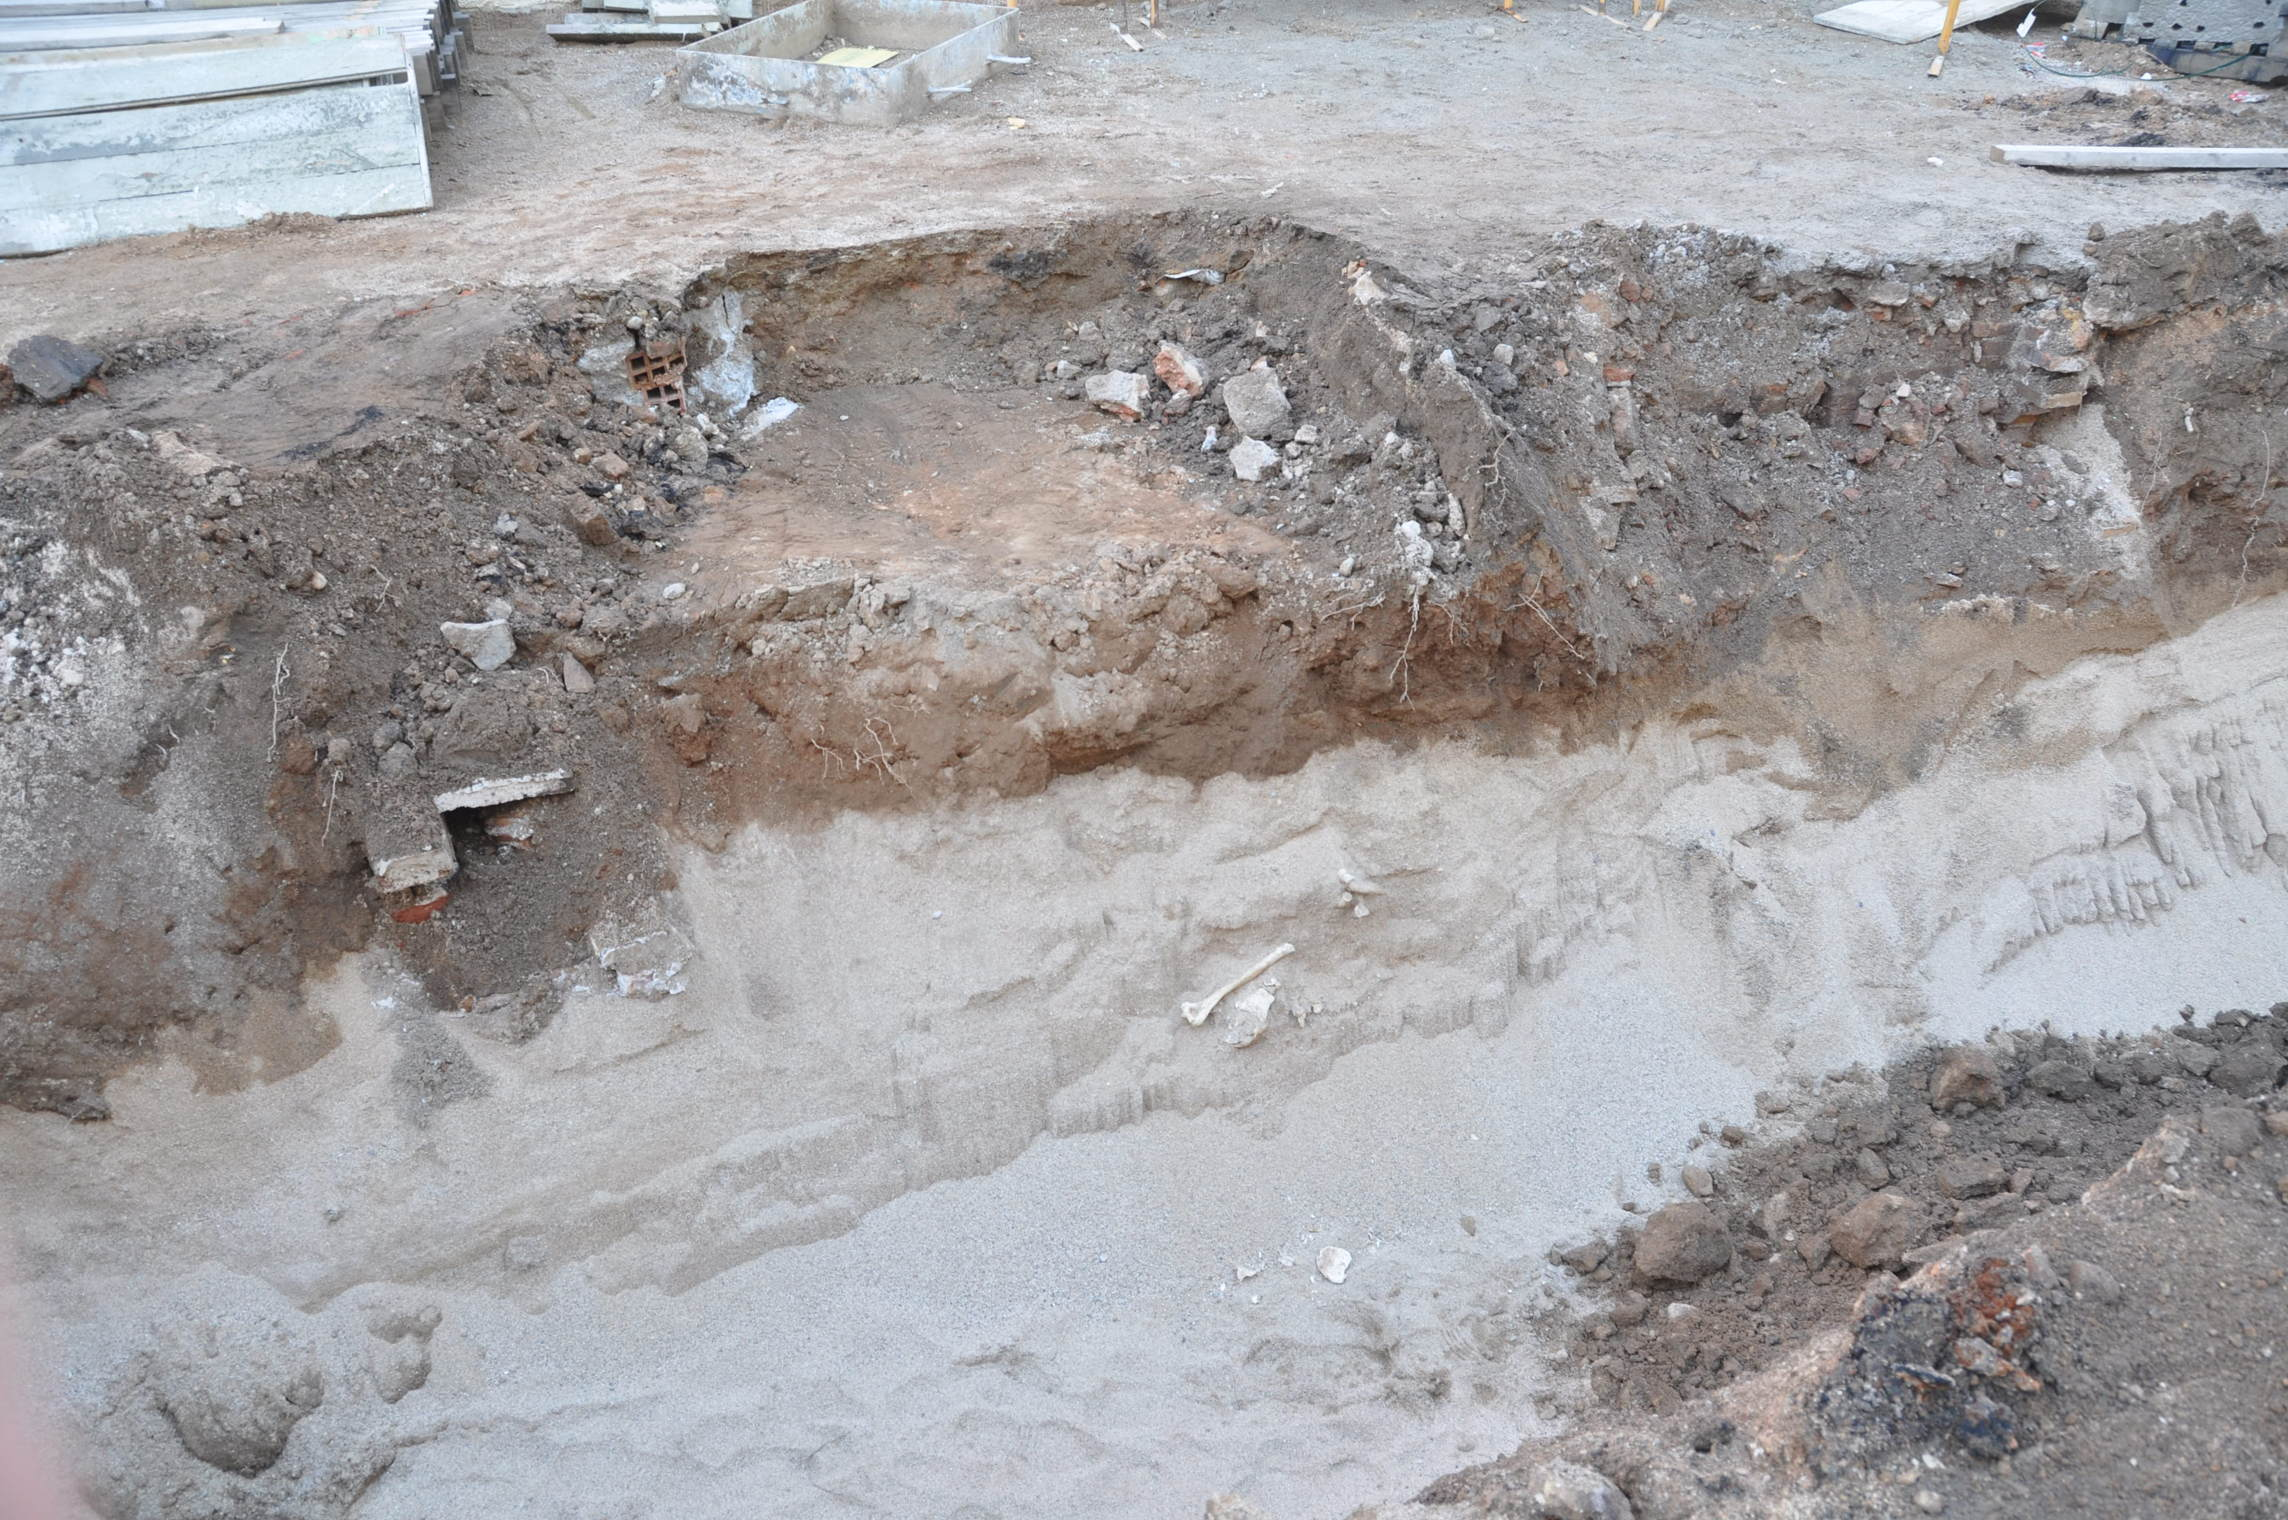 Estrat de sorra on s'han localitzat les restes òssies. Foto: Esteve Nadal